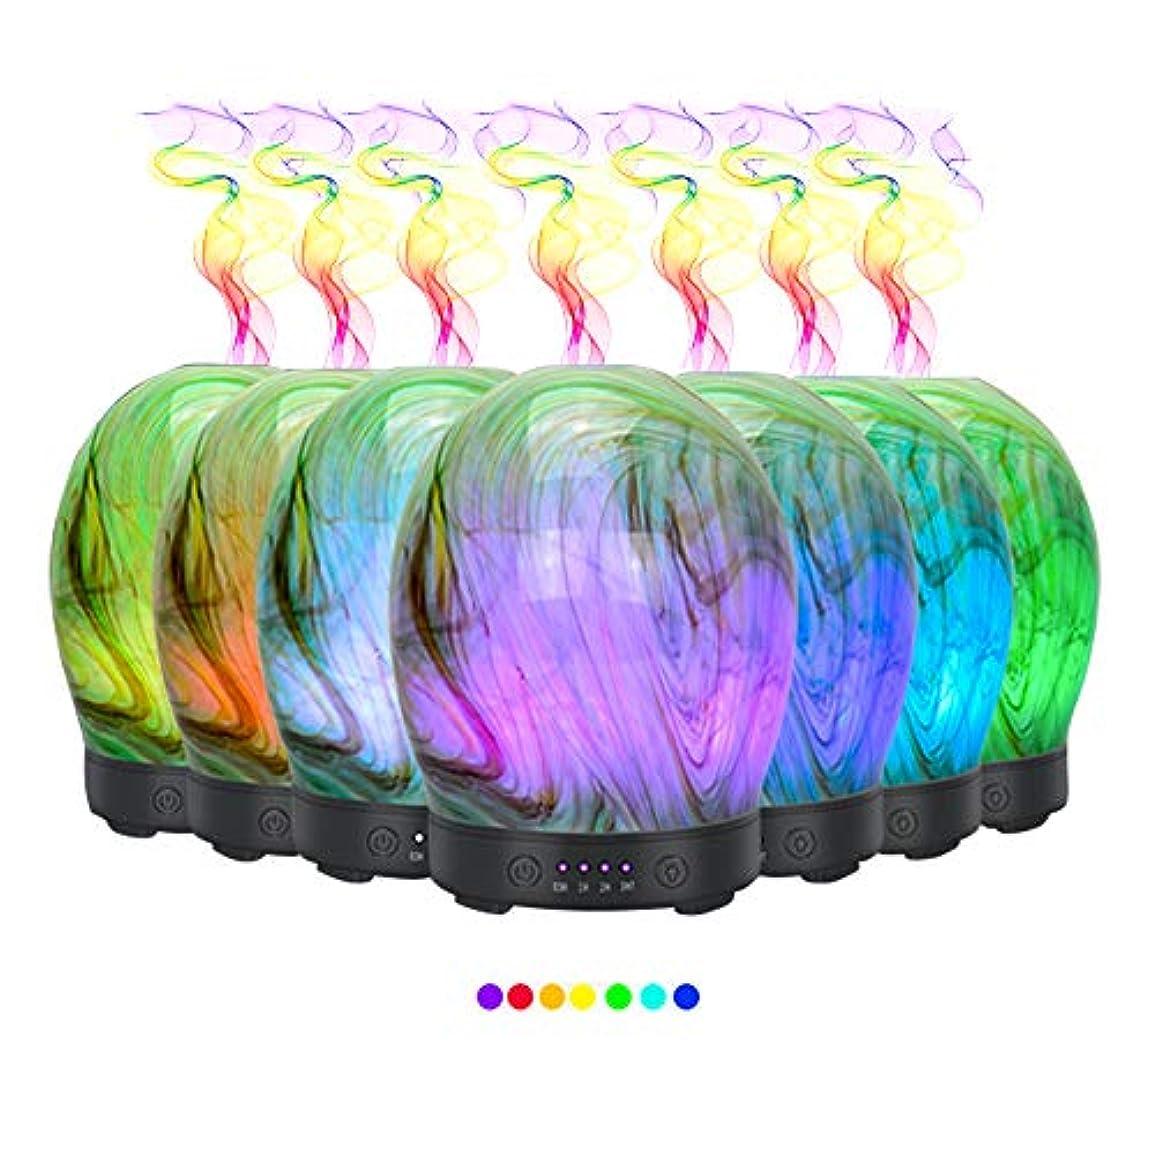 人事子羊作り上げるエッセンシャルオイル用ディフューザー (100ml)-3d アートガラスツイストツリーアロマ加湿器7色の変更 LED ライト & 4 タイマー設定、水なしオートシャットオフ